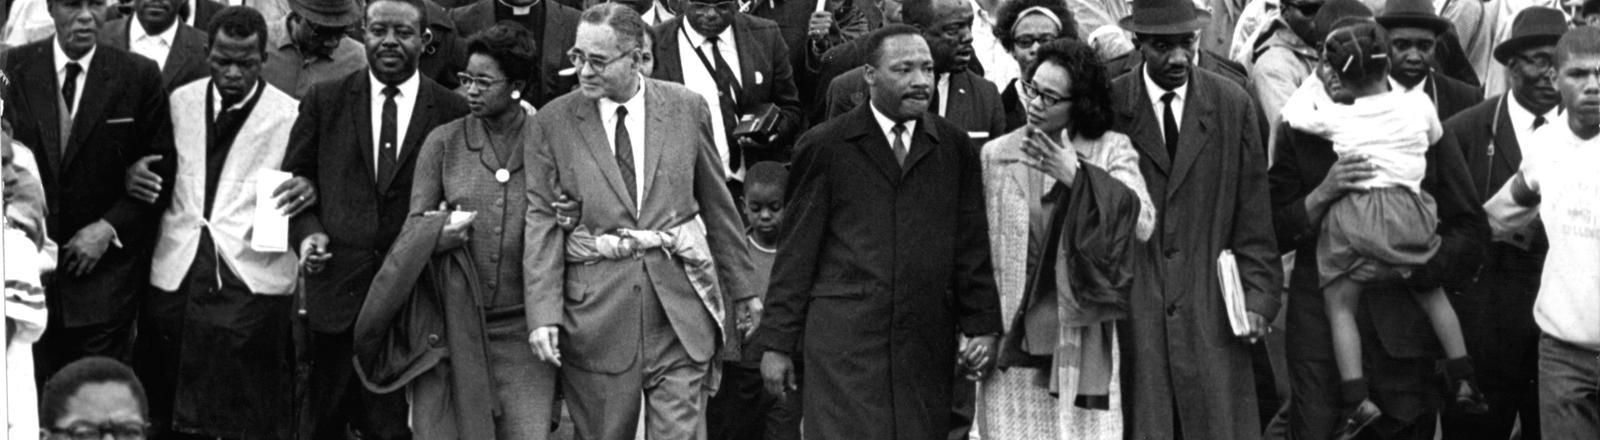 Martin Luther King (Mitte) mit seiner Frau Loretta (rechts von ihm) auf seinem Marsch nach Montgomery.